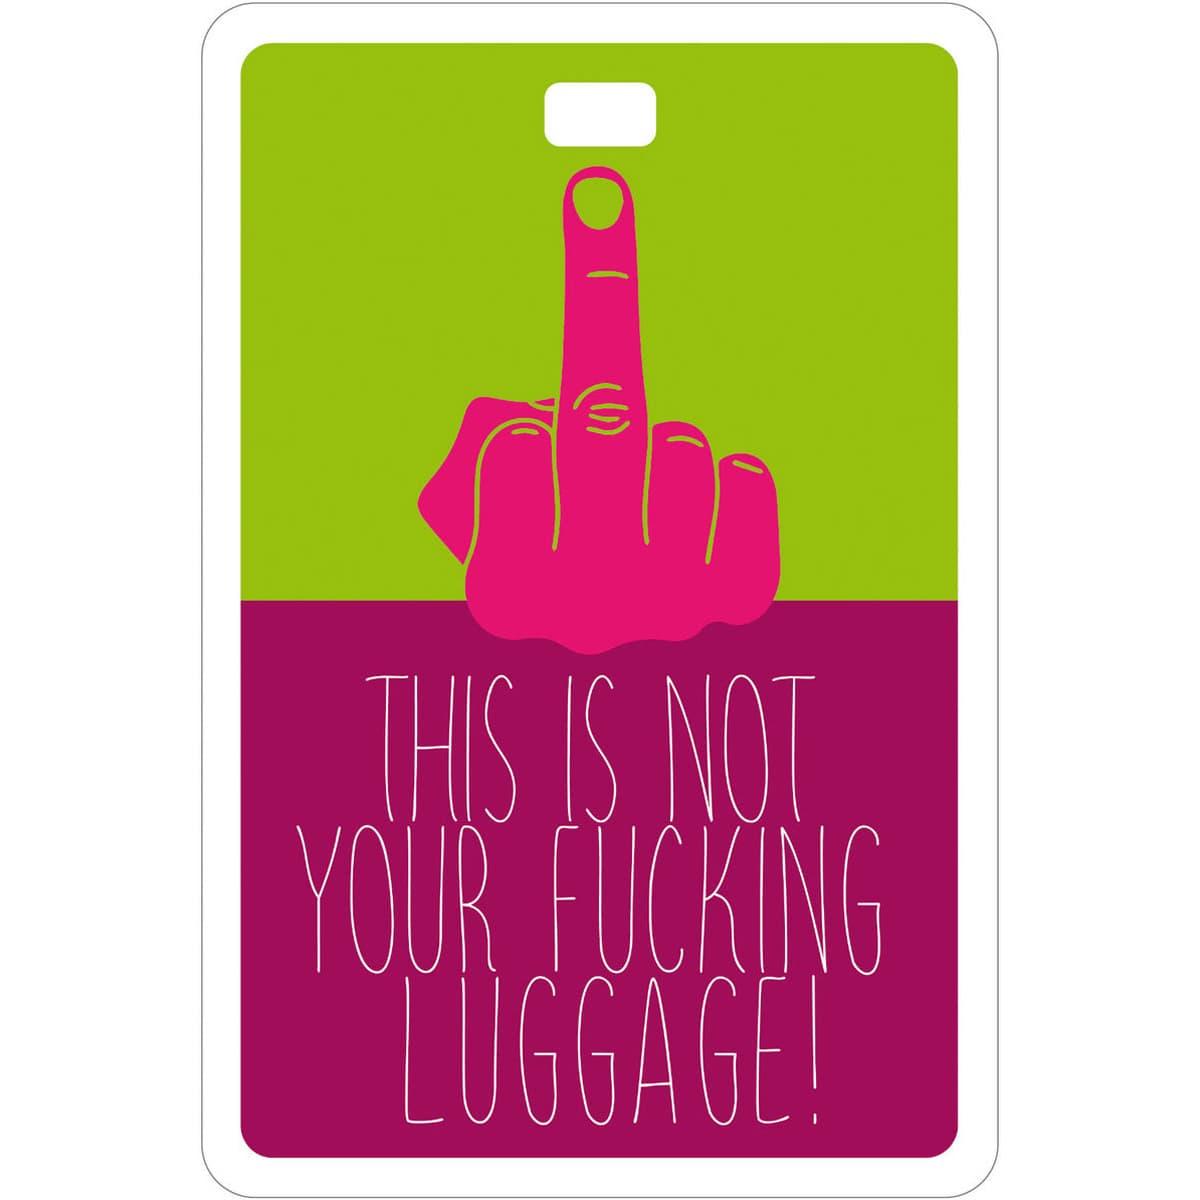 Etichetta bagaglio #MYTAG Fucking Trip con illustrazione di Manuel Stefanutti